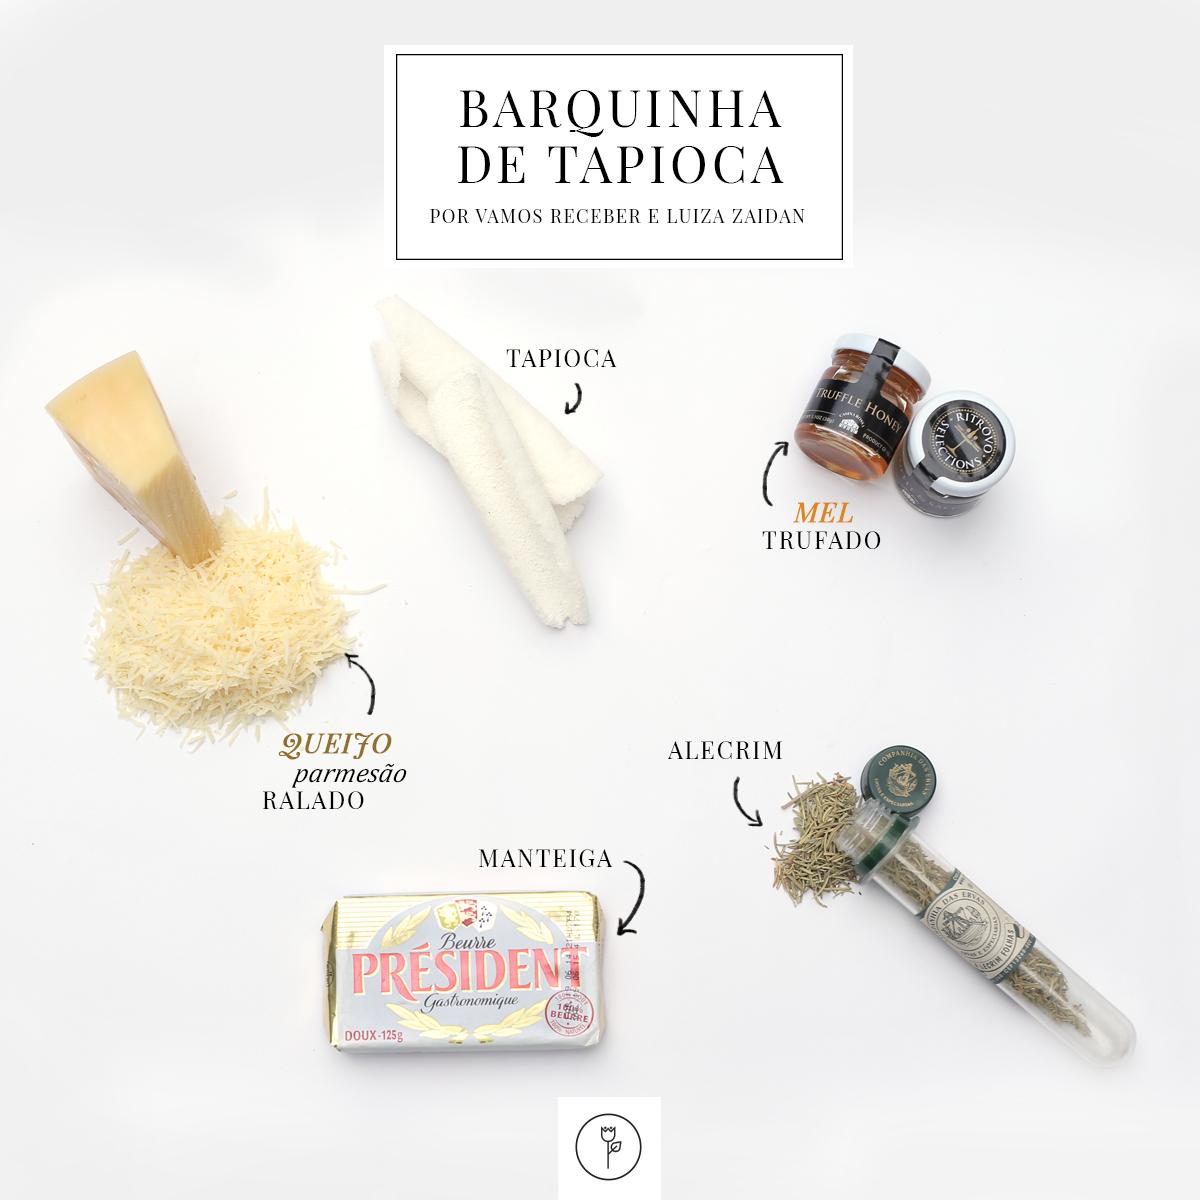 barquinha de tapioca